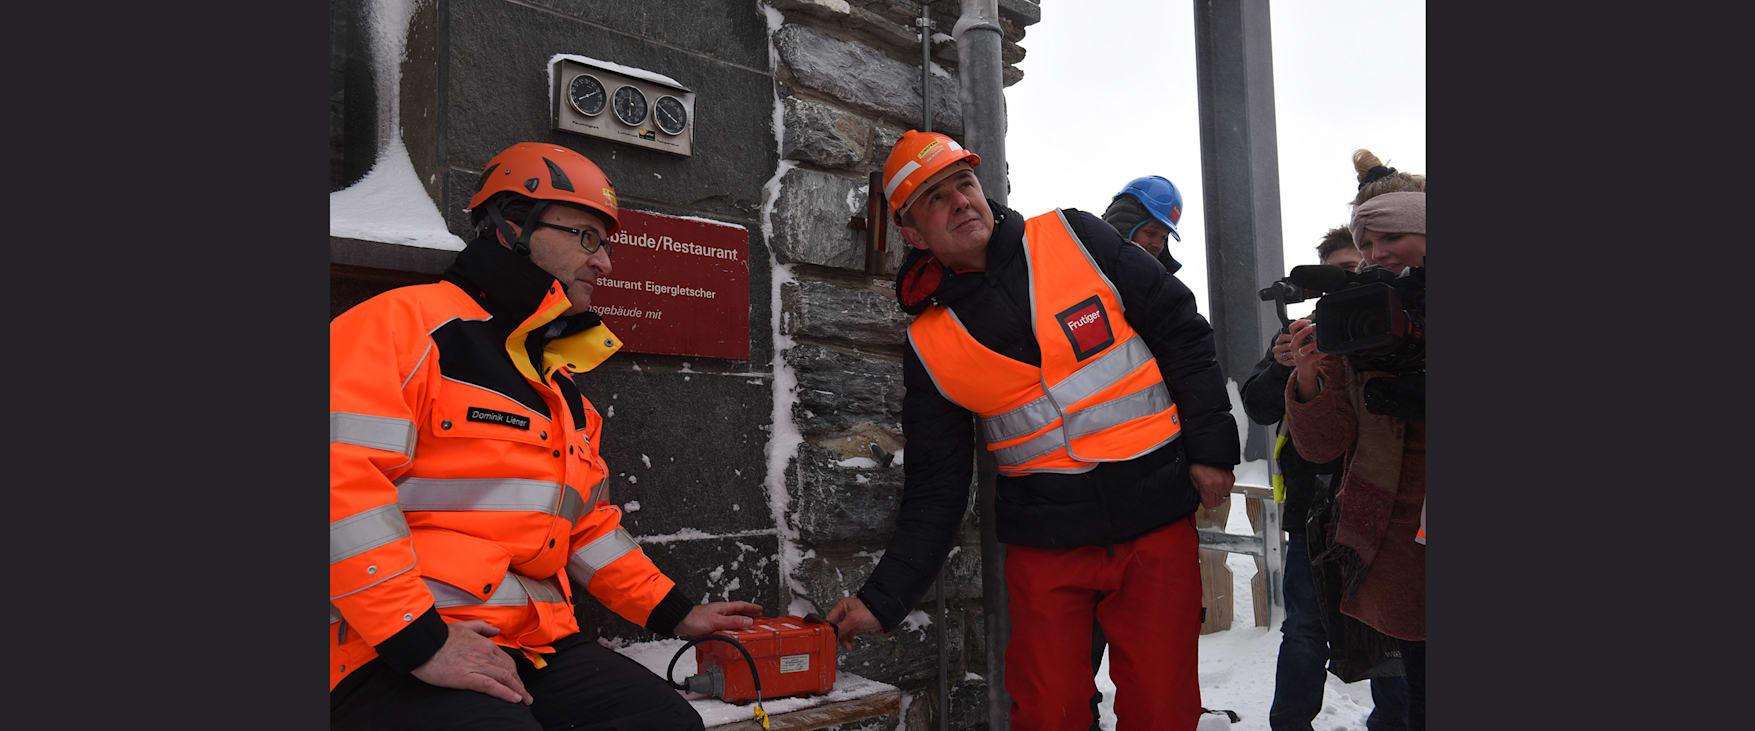 Dominik Liener Projektleiter V Bahn Jungfraubahnen und Urs Kessler CEO Jungfraubahnen bei der Sprengung